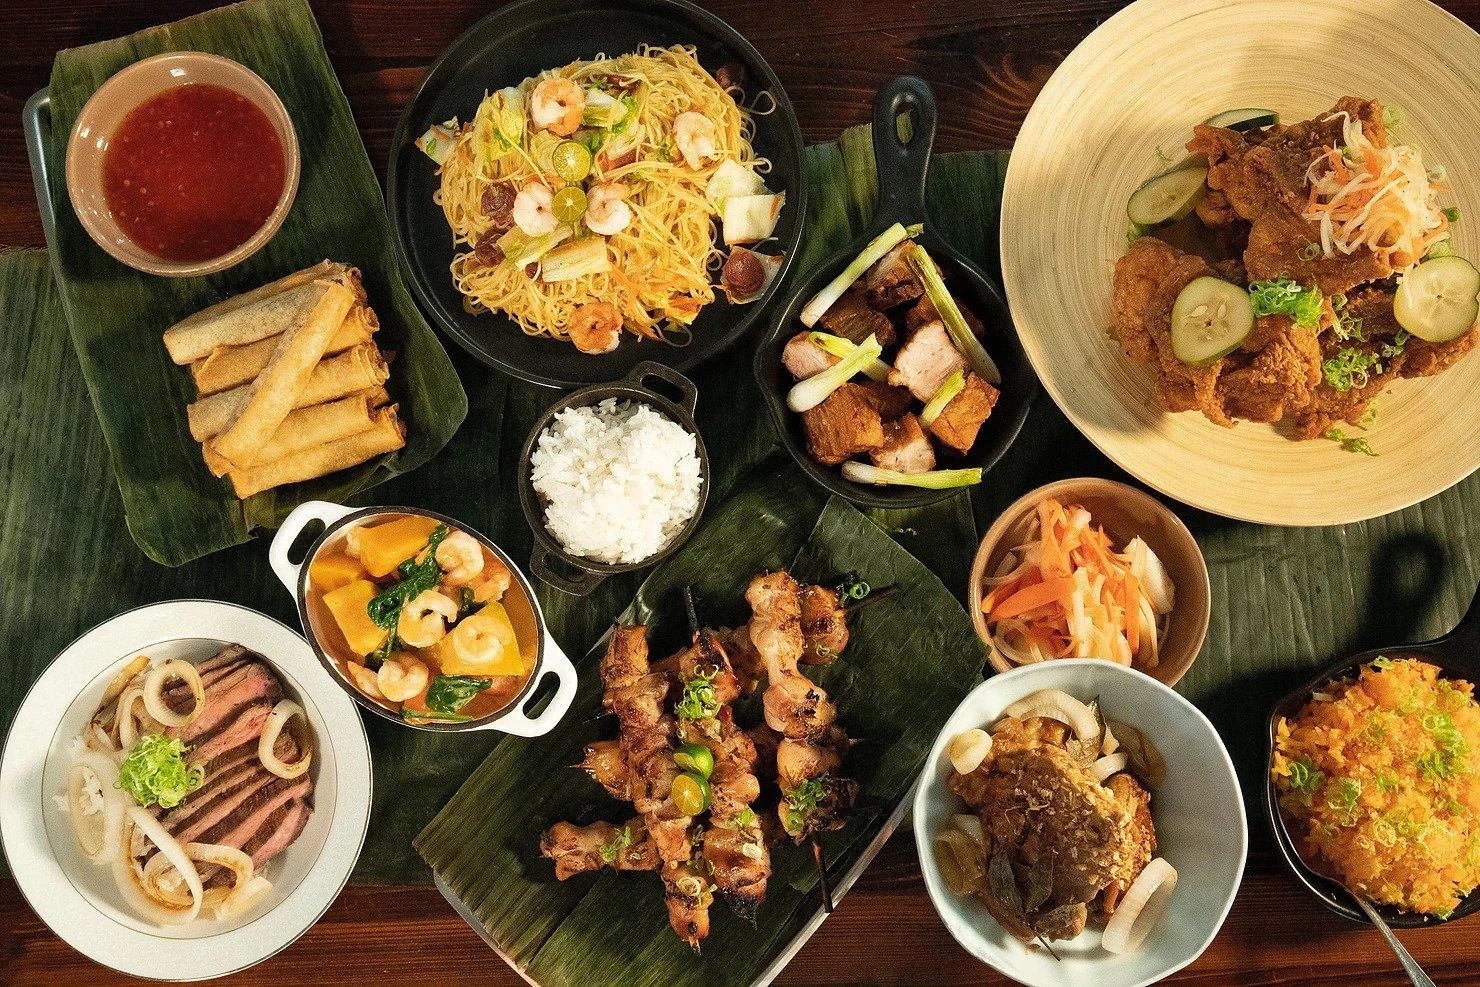 The Chinita Chefs Filipino Special Cuisines